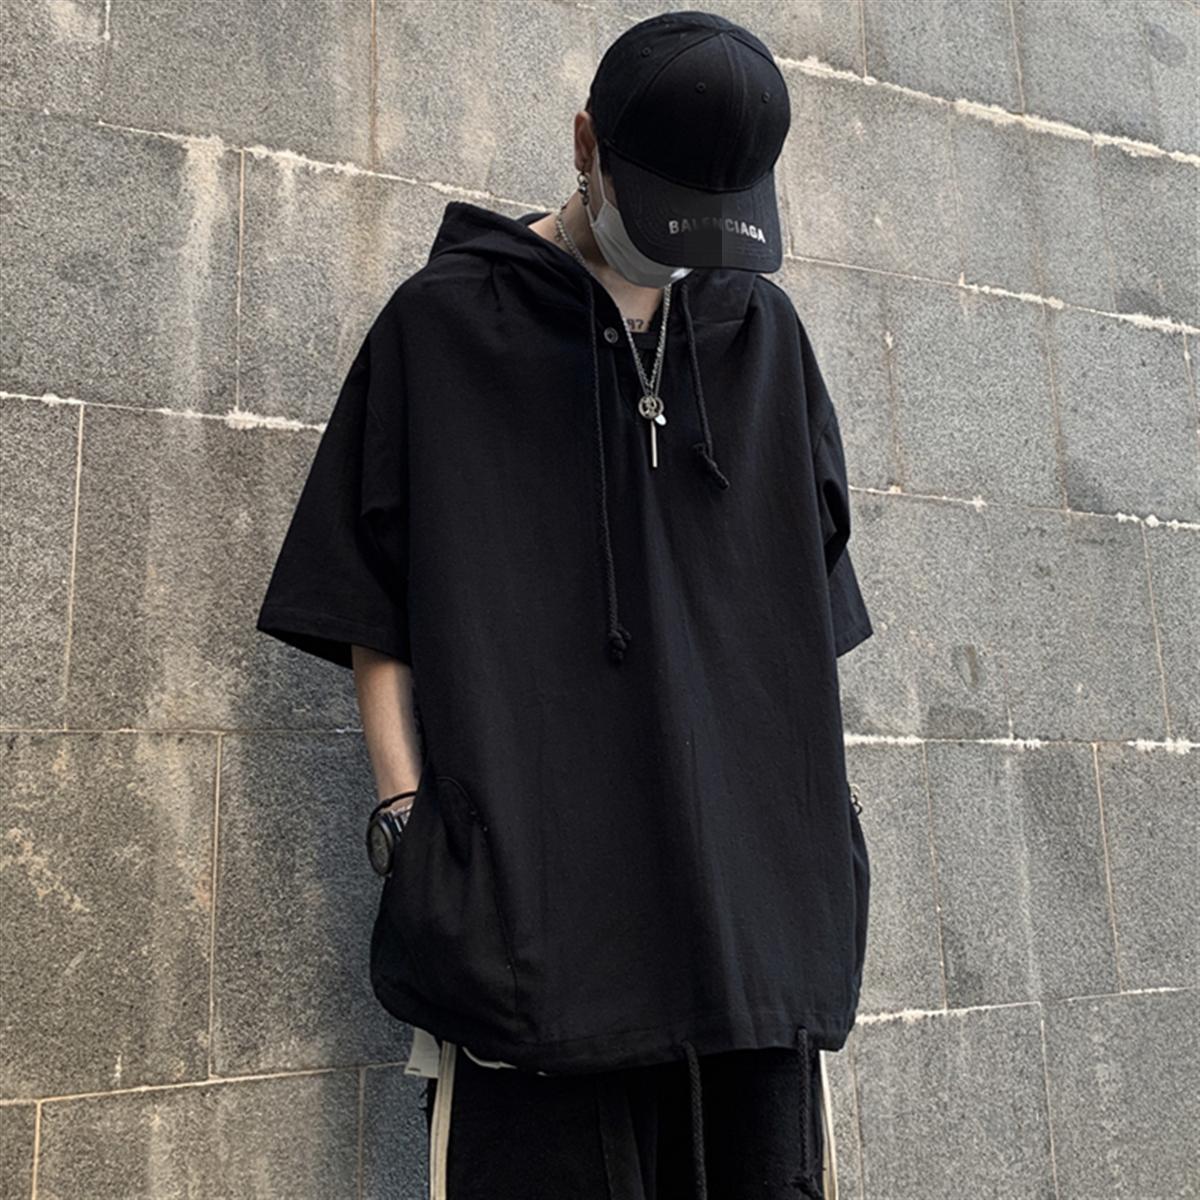 夏季2020新款韩版ins黑色上衣外套宽松bf风短袖T恤连帽卫衣男女潮图片